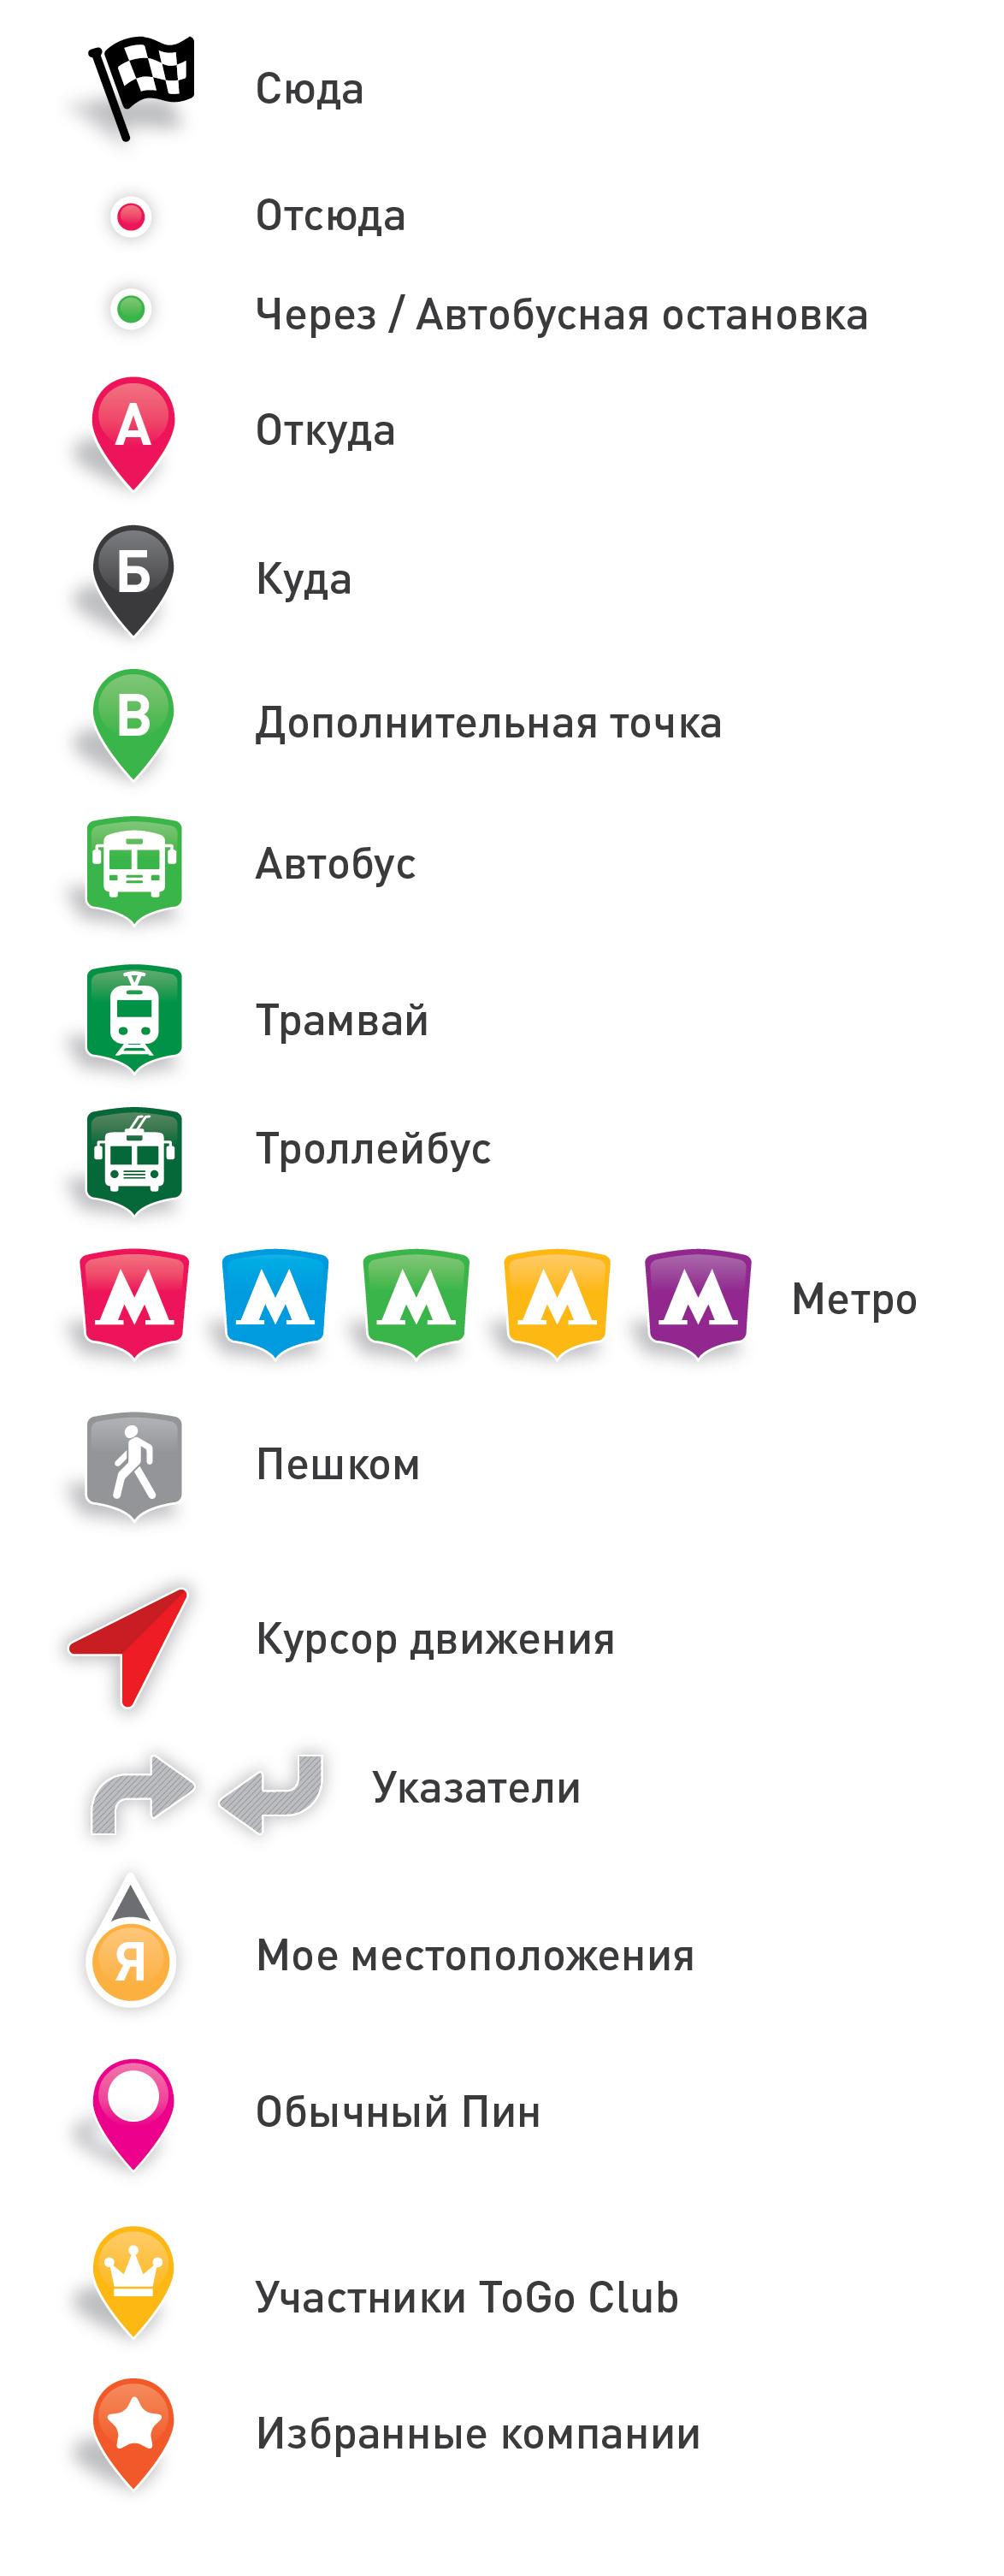 Иконки на карту. фото f_2195af19bc98120f.jpg